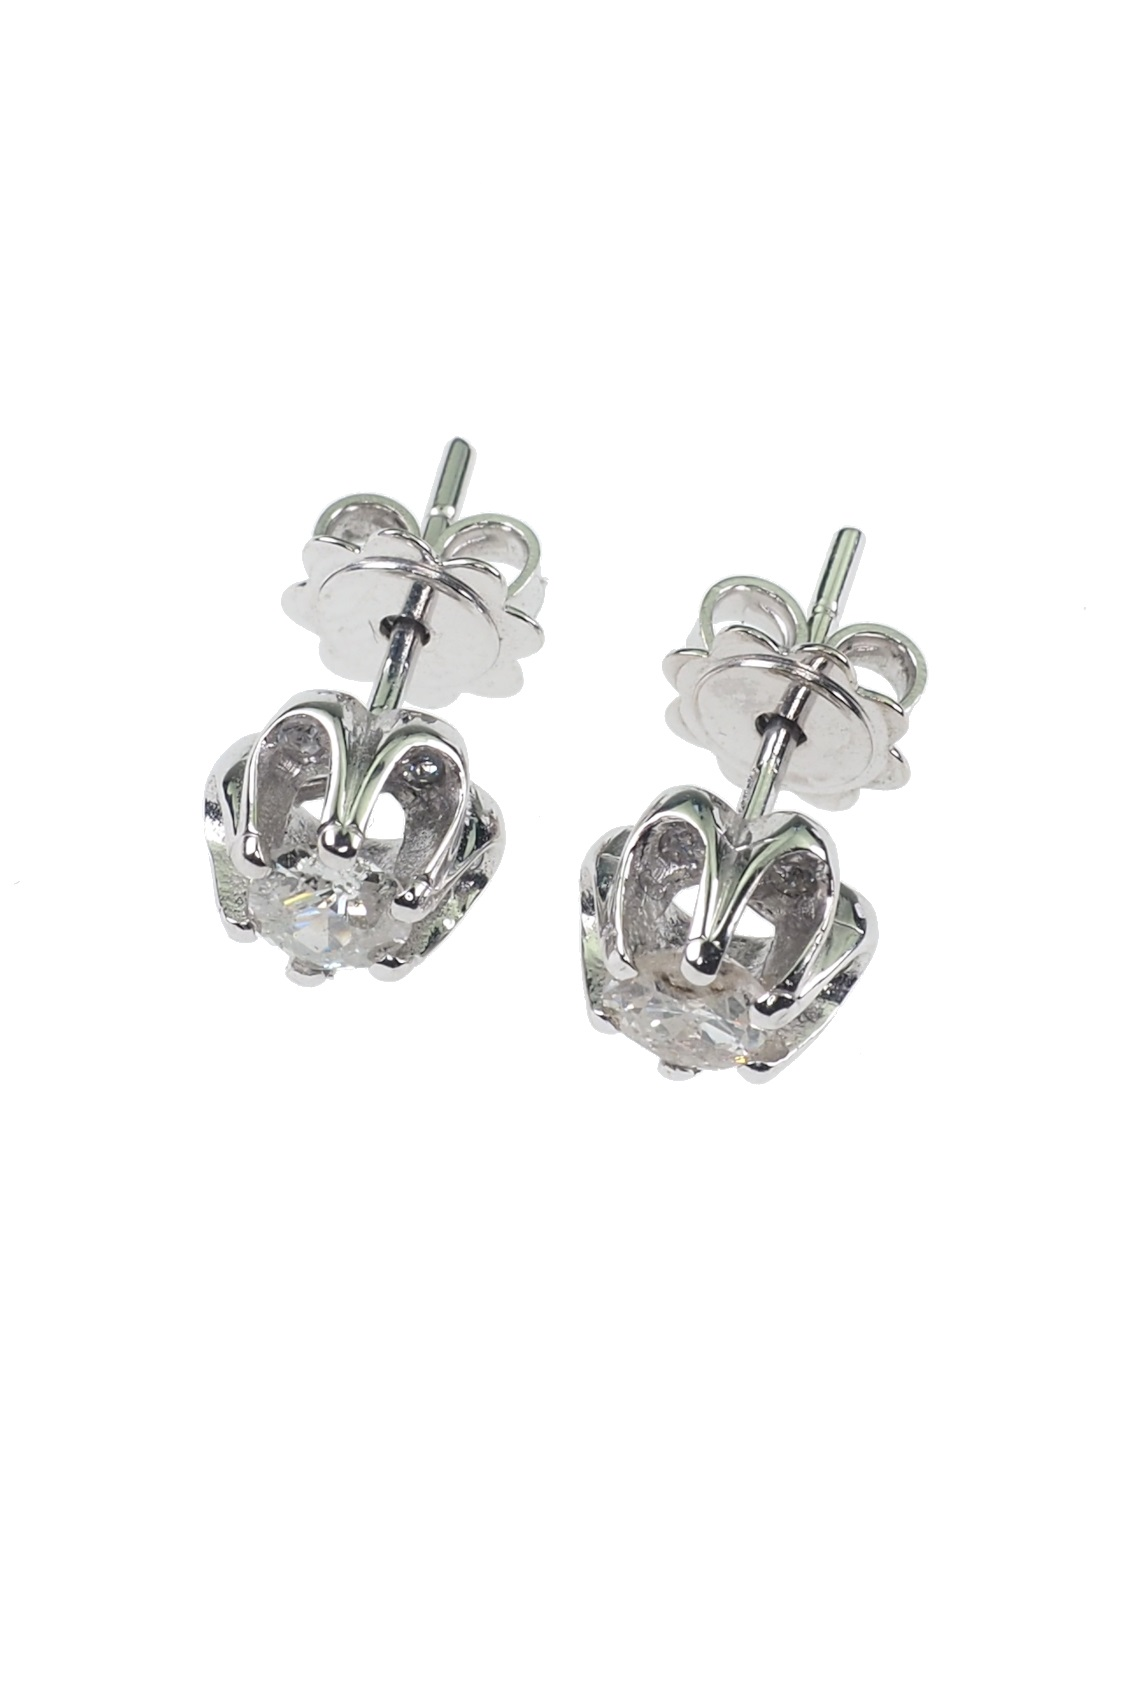 Ohrringe-als-Weihnachtsgeschenk-2349